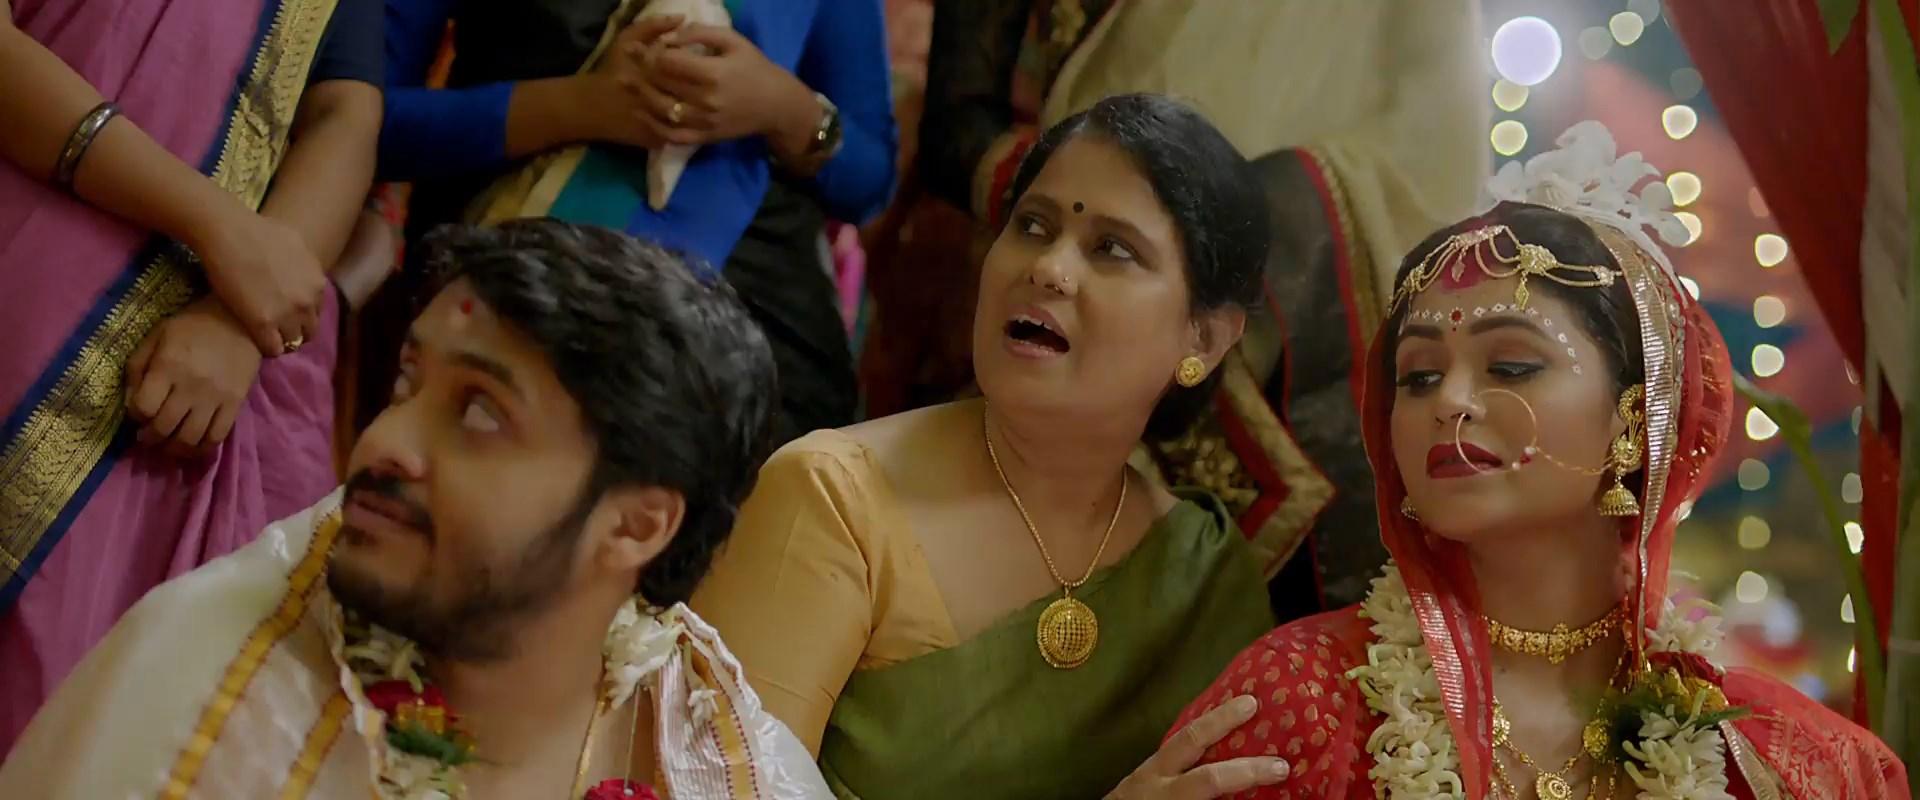 Brahma Janen Gopon Kommoti 2021 Bengali 1080p HDRip 1.8GB.mkv snapshot 00.29.11.575